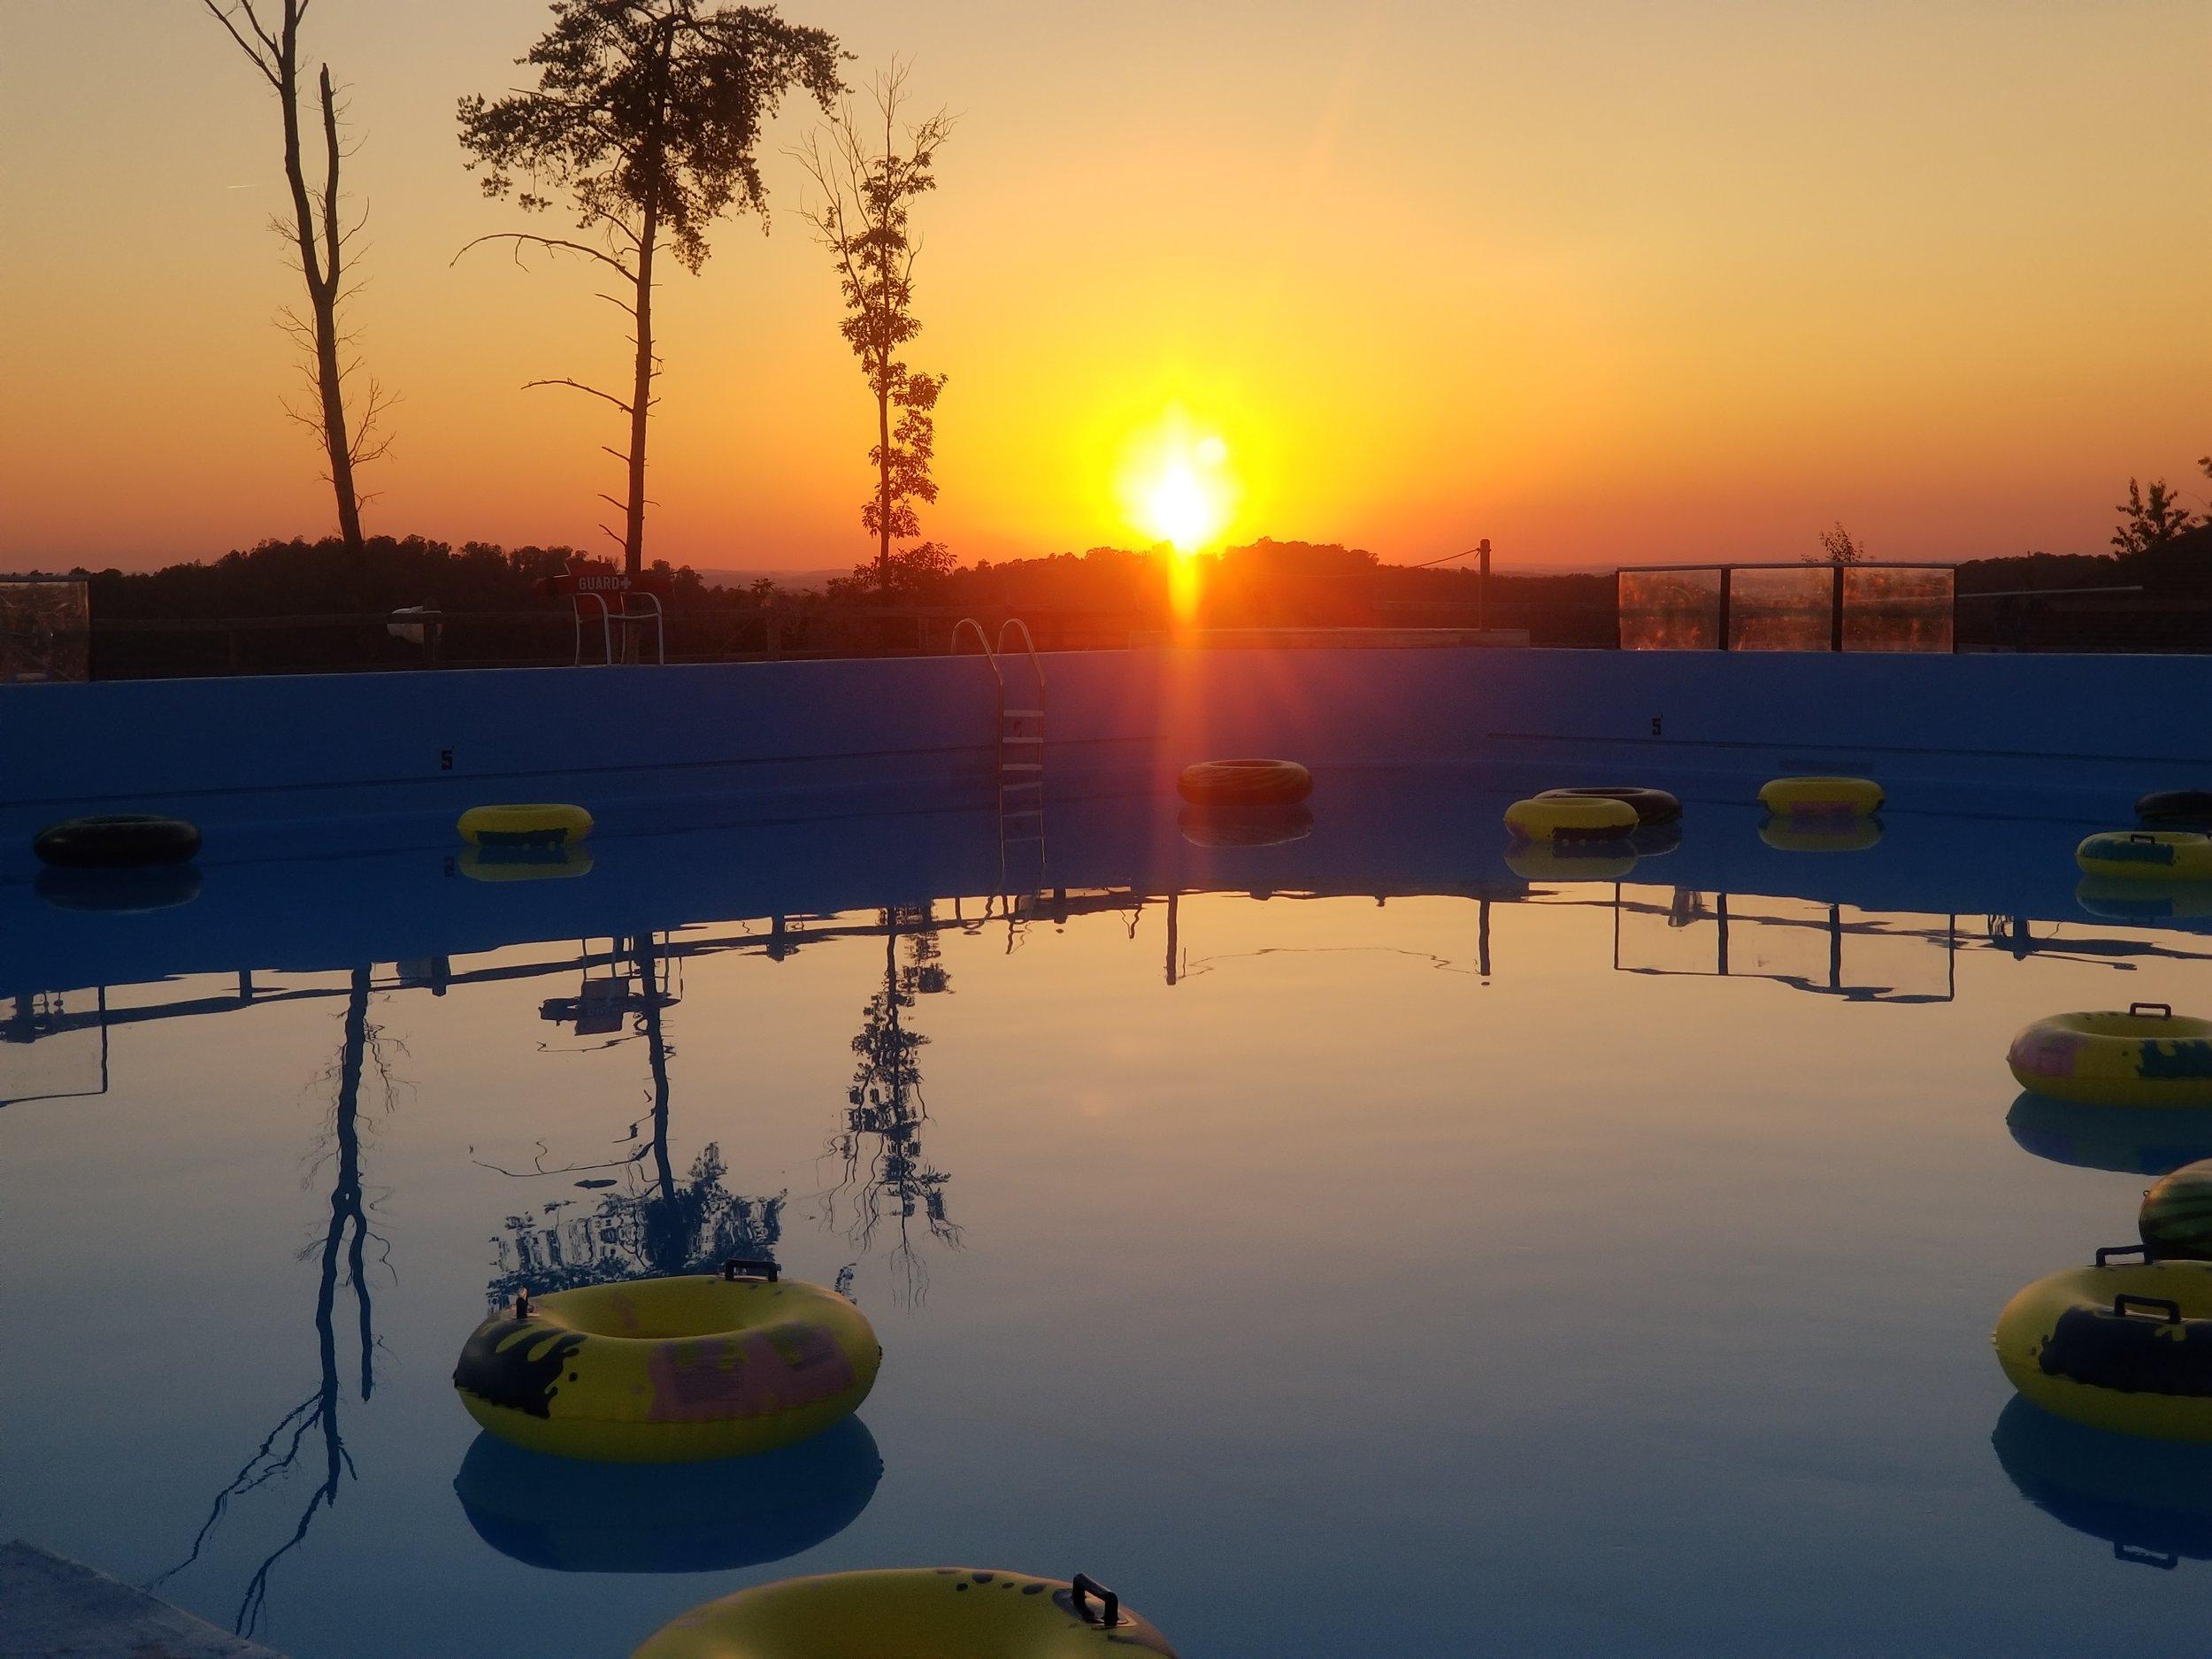 Pool at sunset.jpg